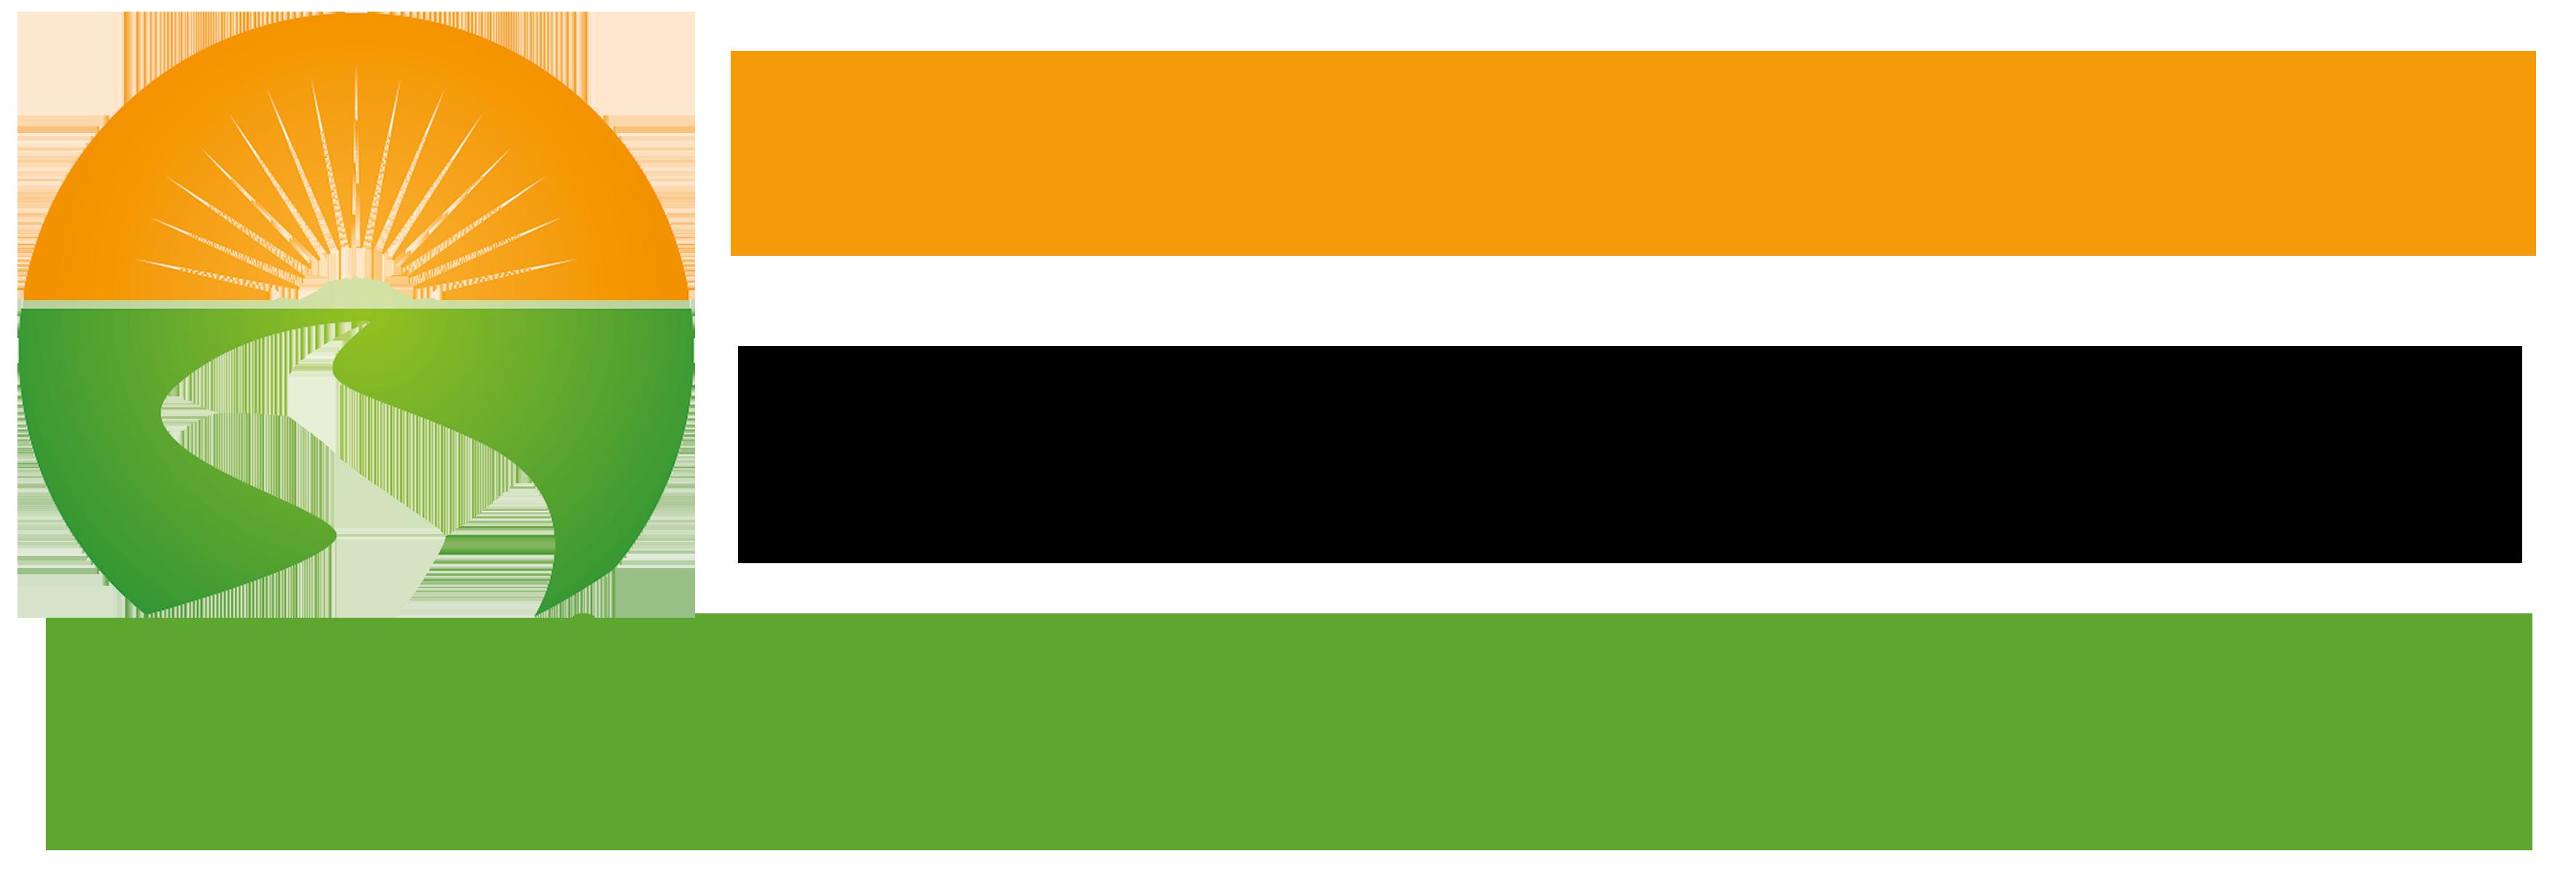 Willkommen bei Taxi Ostschweiz